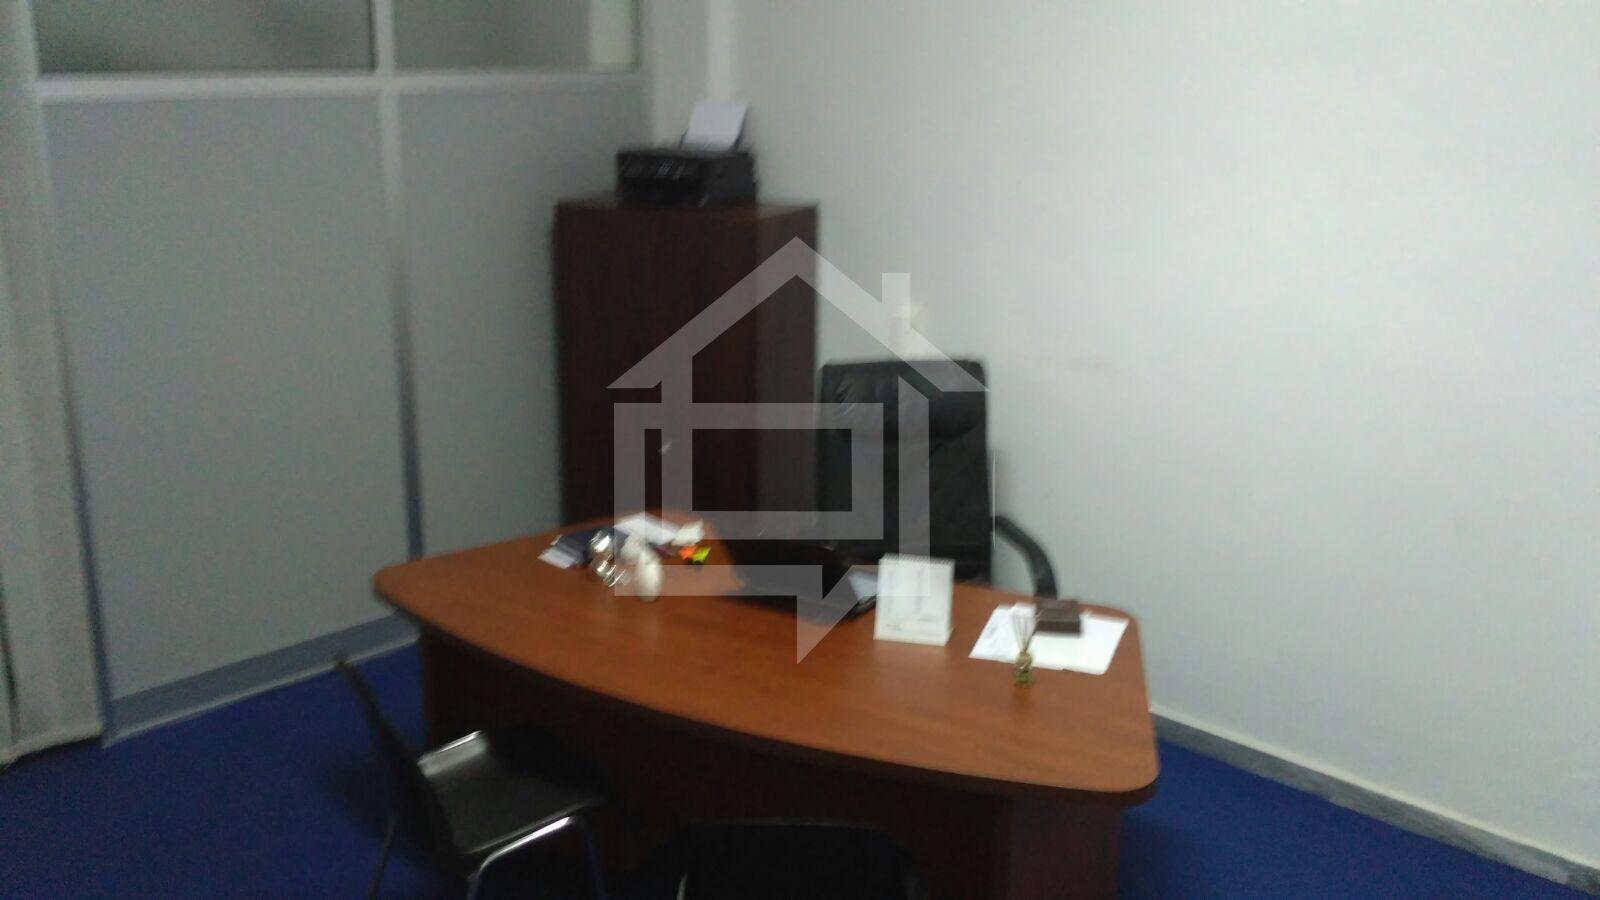 Ufficio Casa Immobiliare : Divicasa ufficio in affitto a taranto viale trentino